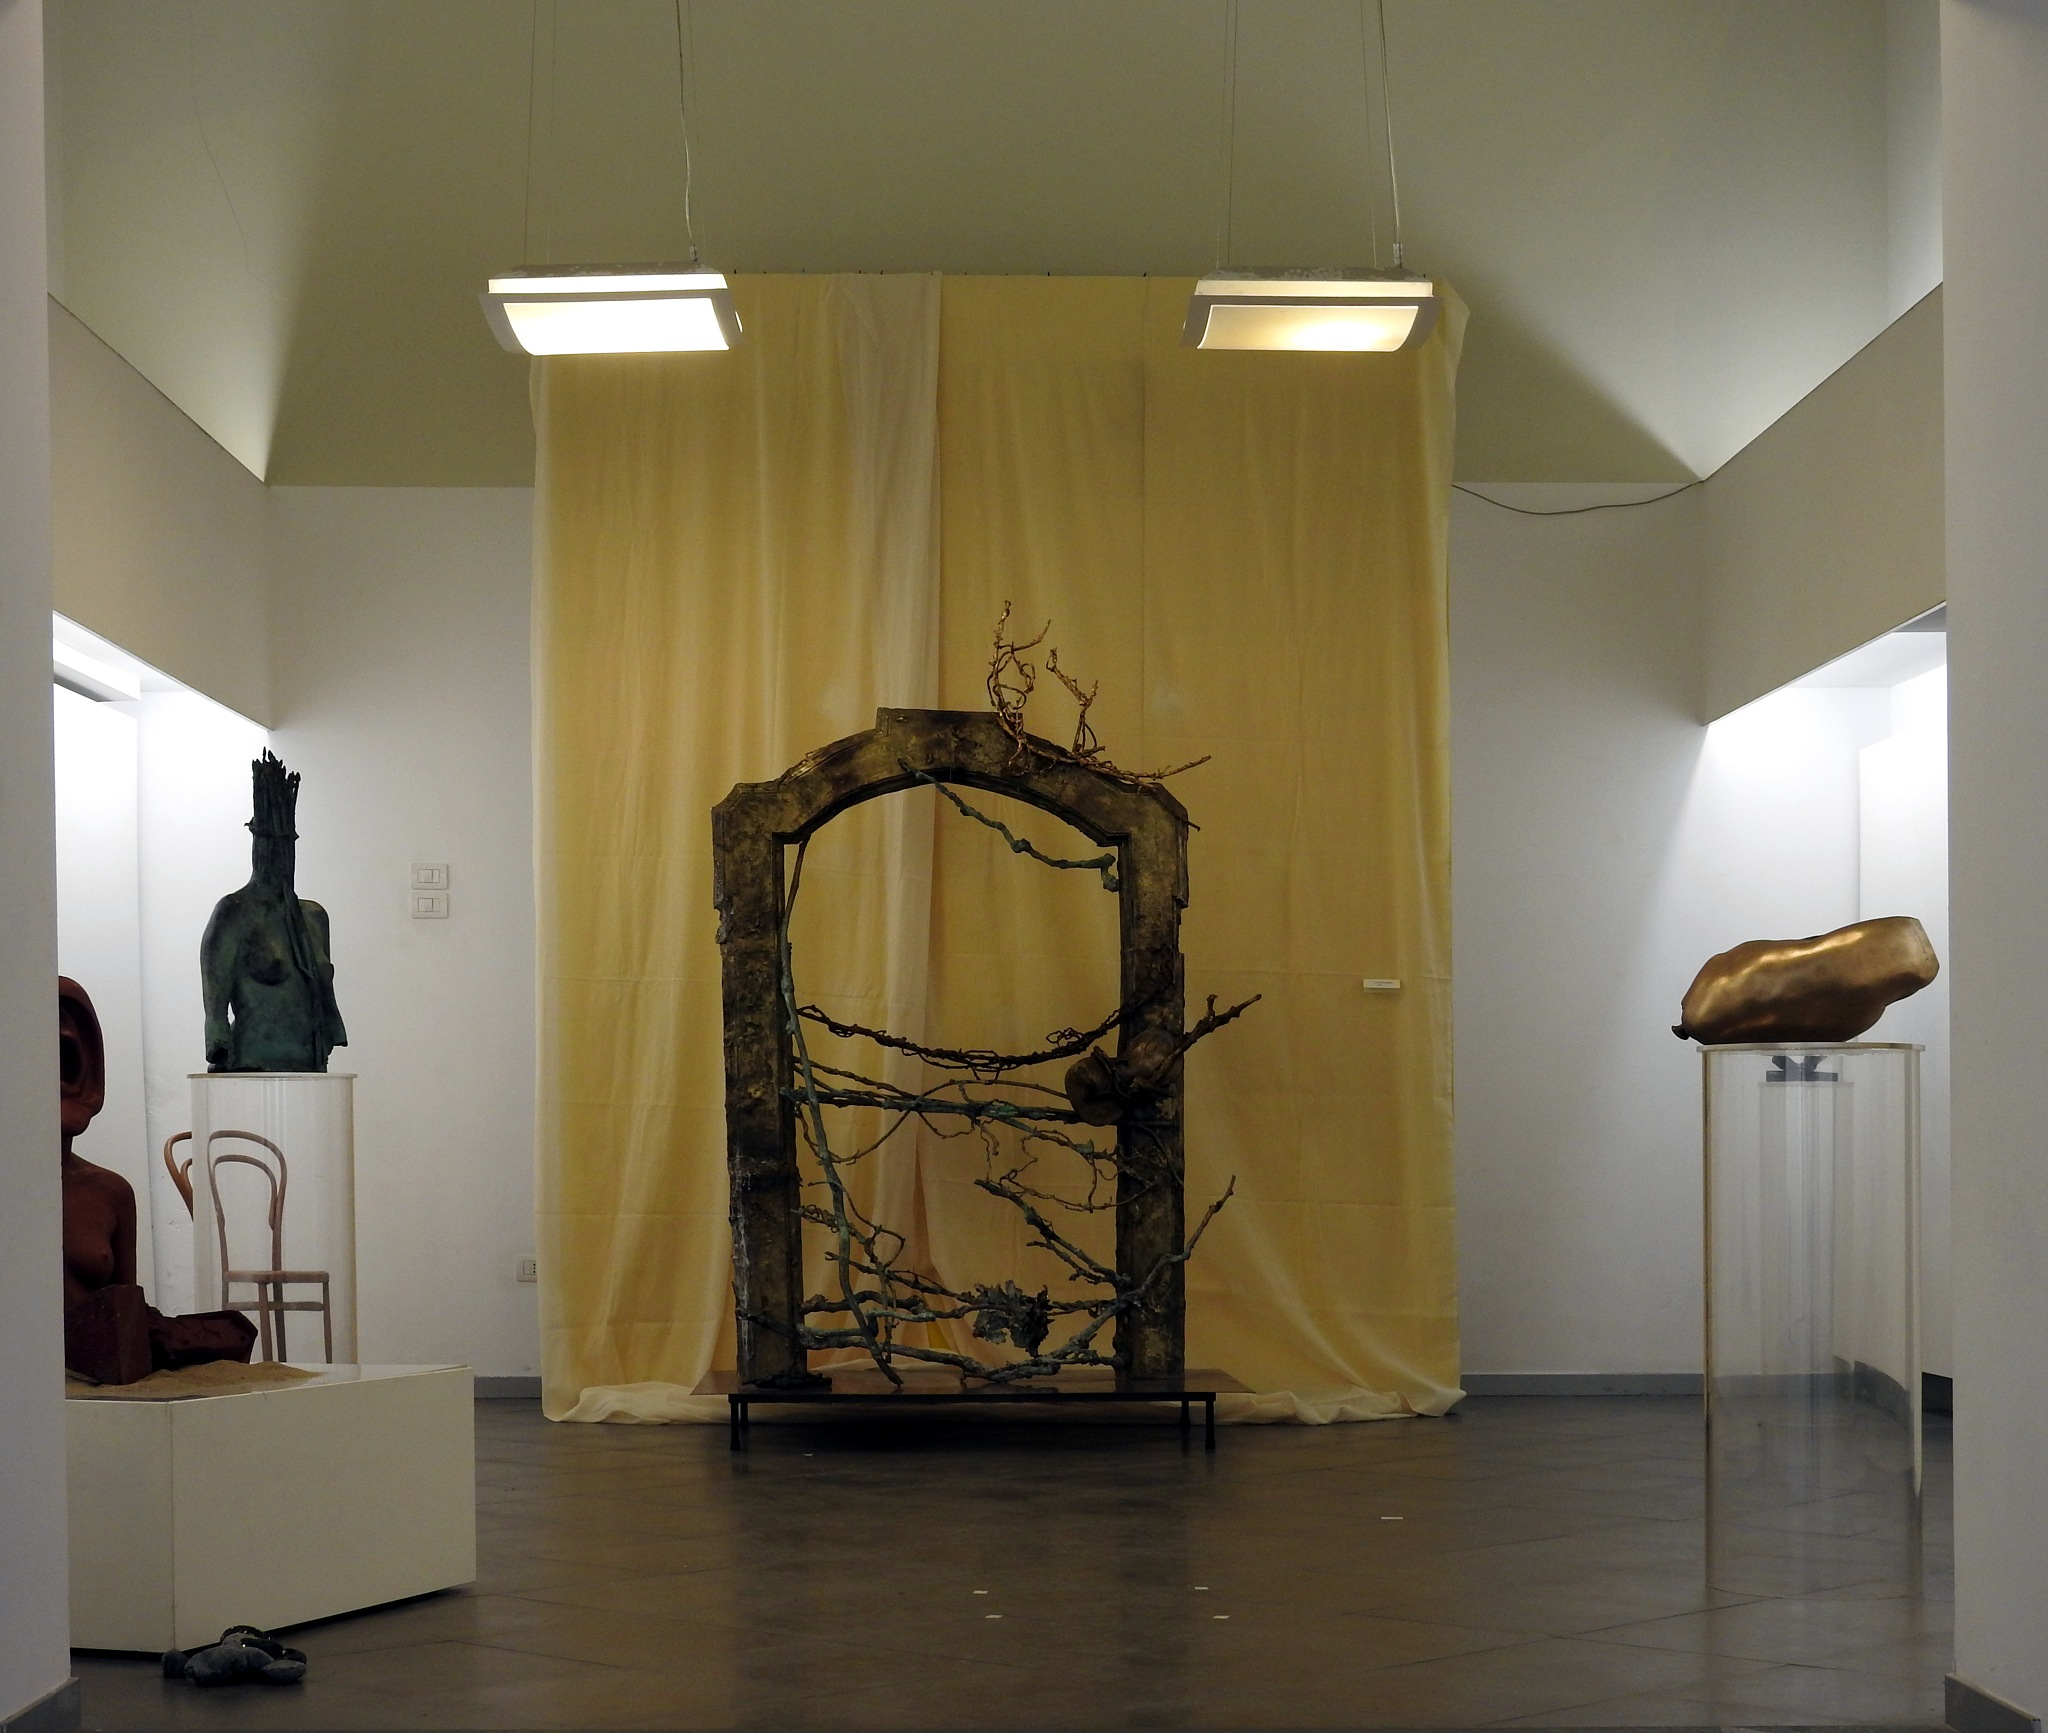 P.A.N. Napoli - Aulo Pedicini - La Porta del Sogno - 2002 - 1c           by Arnaldo De Lisio